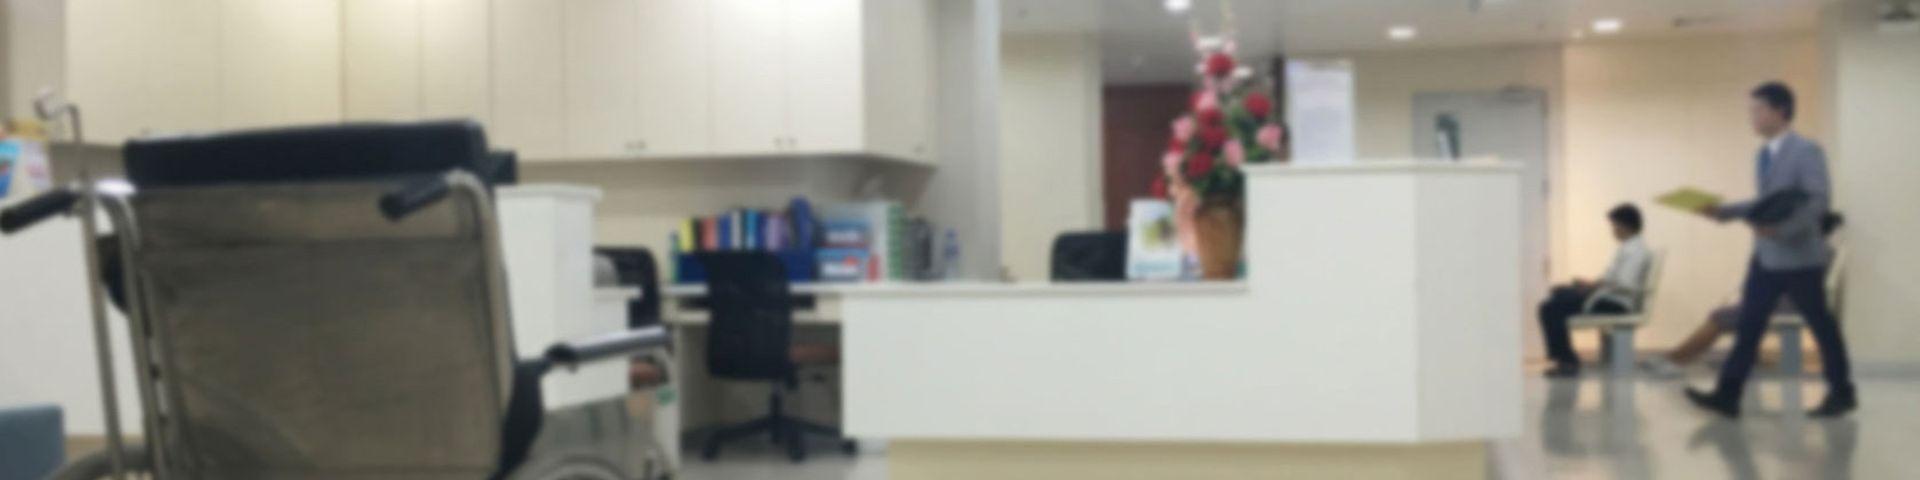 Vigilancia en centros hospitalarios